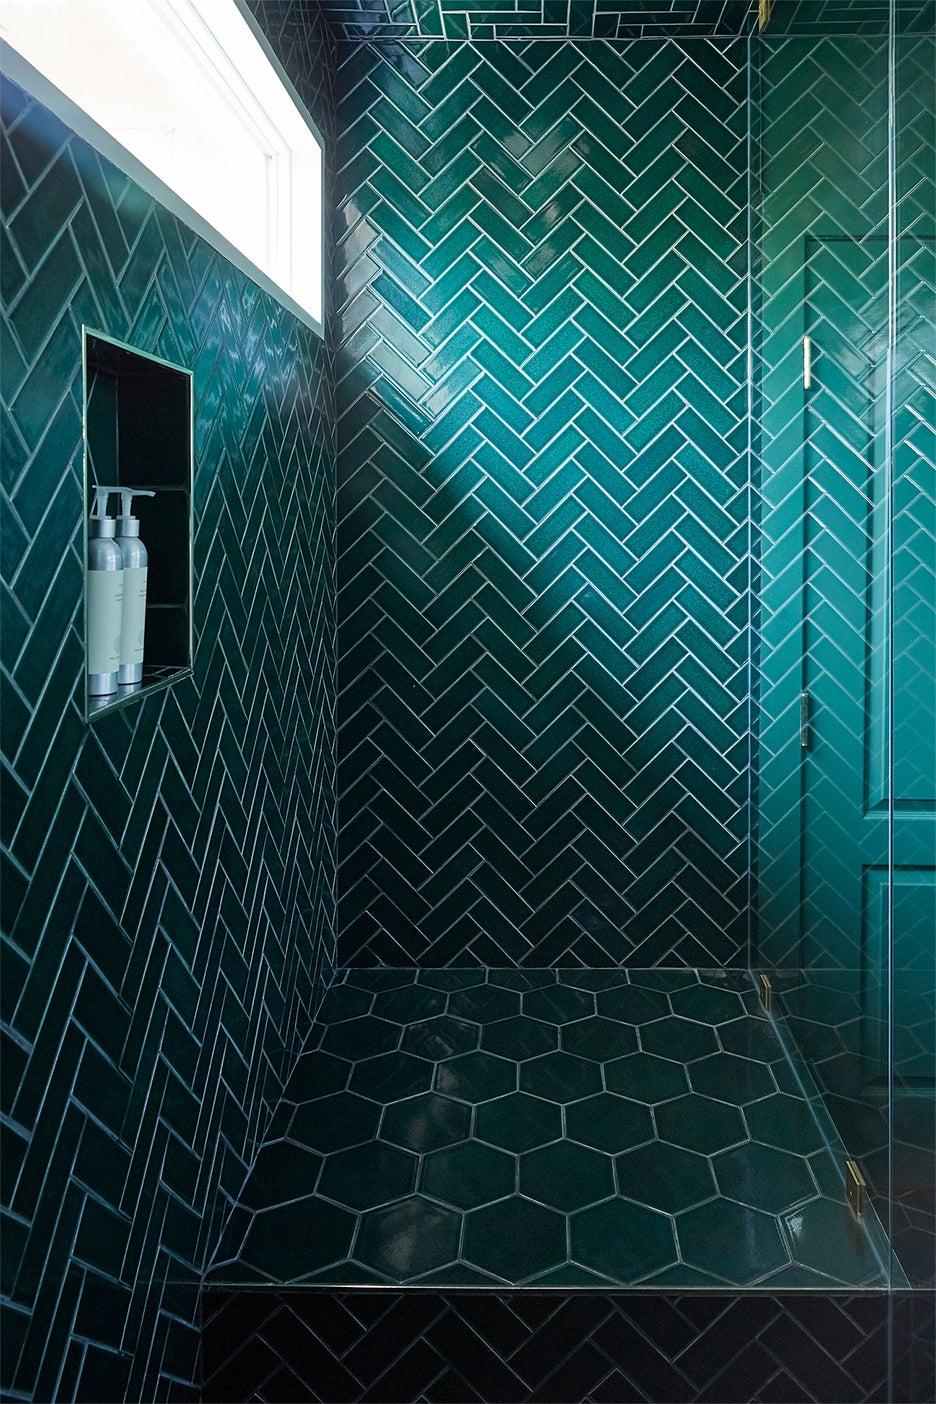 emerald green tile shower nook